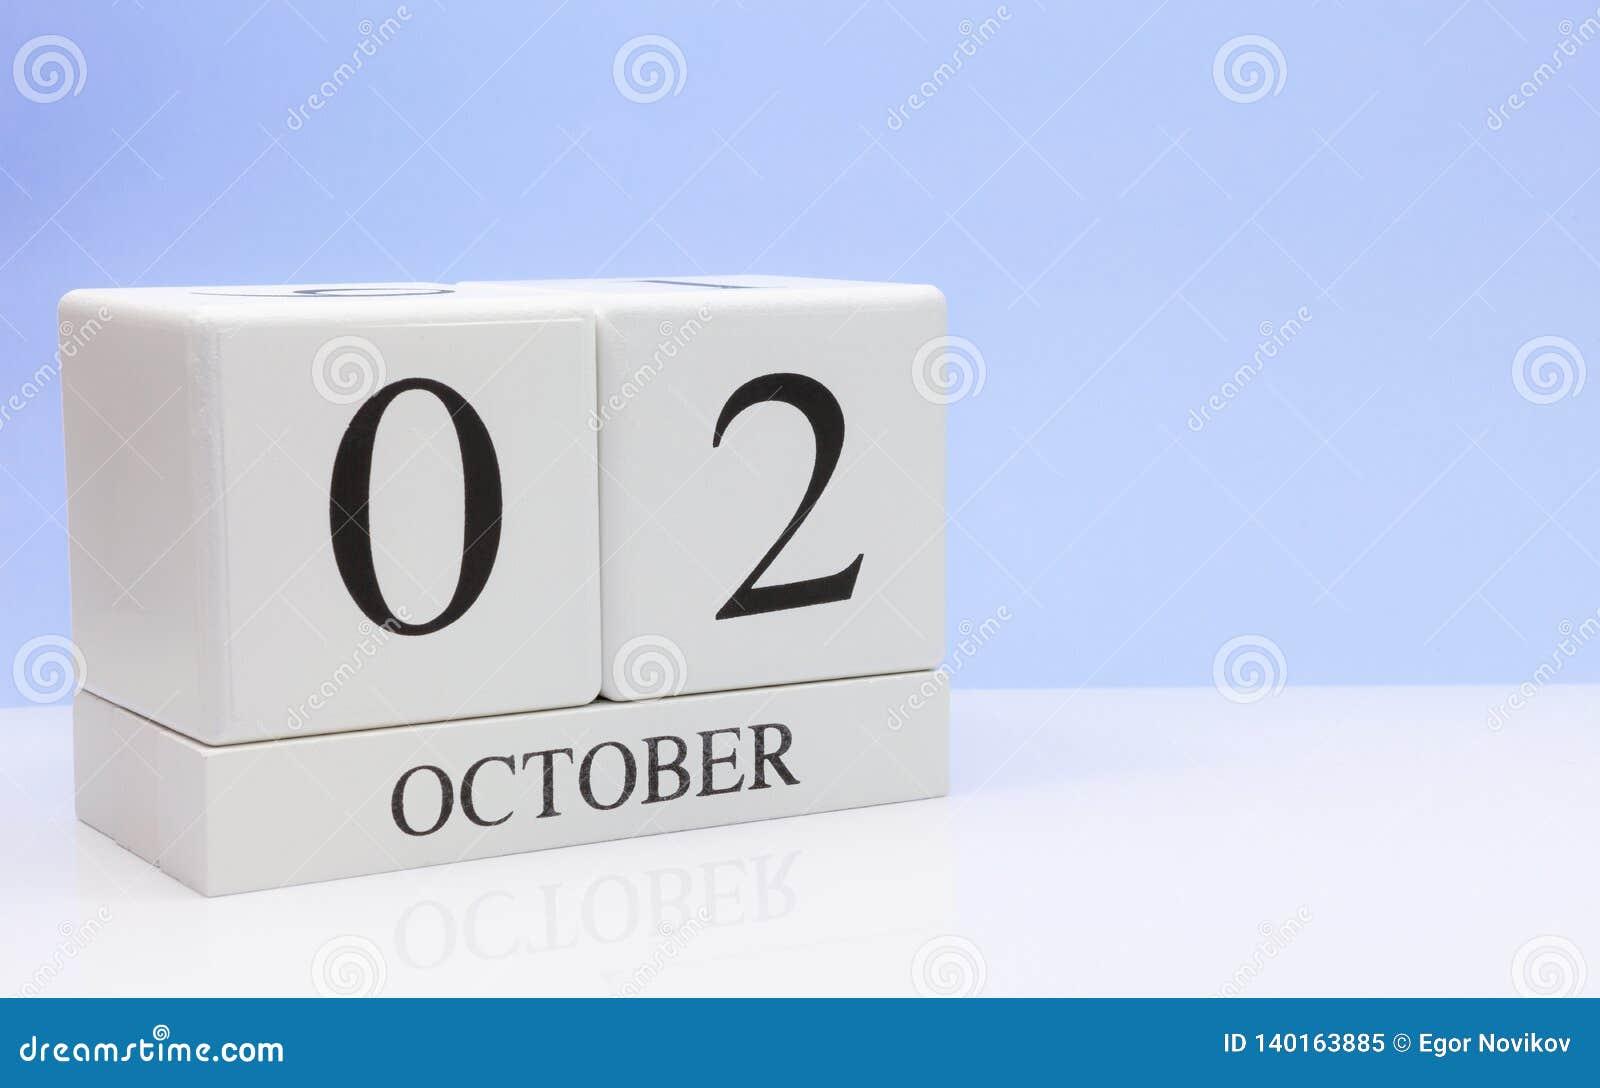 2 de outubro dia 2 do mês, calendário diário na tabela branca com reflexão, com claro - fundo azul Tempo do outono, espaço vazio